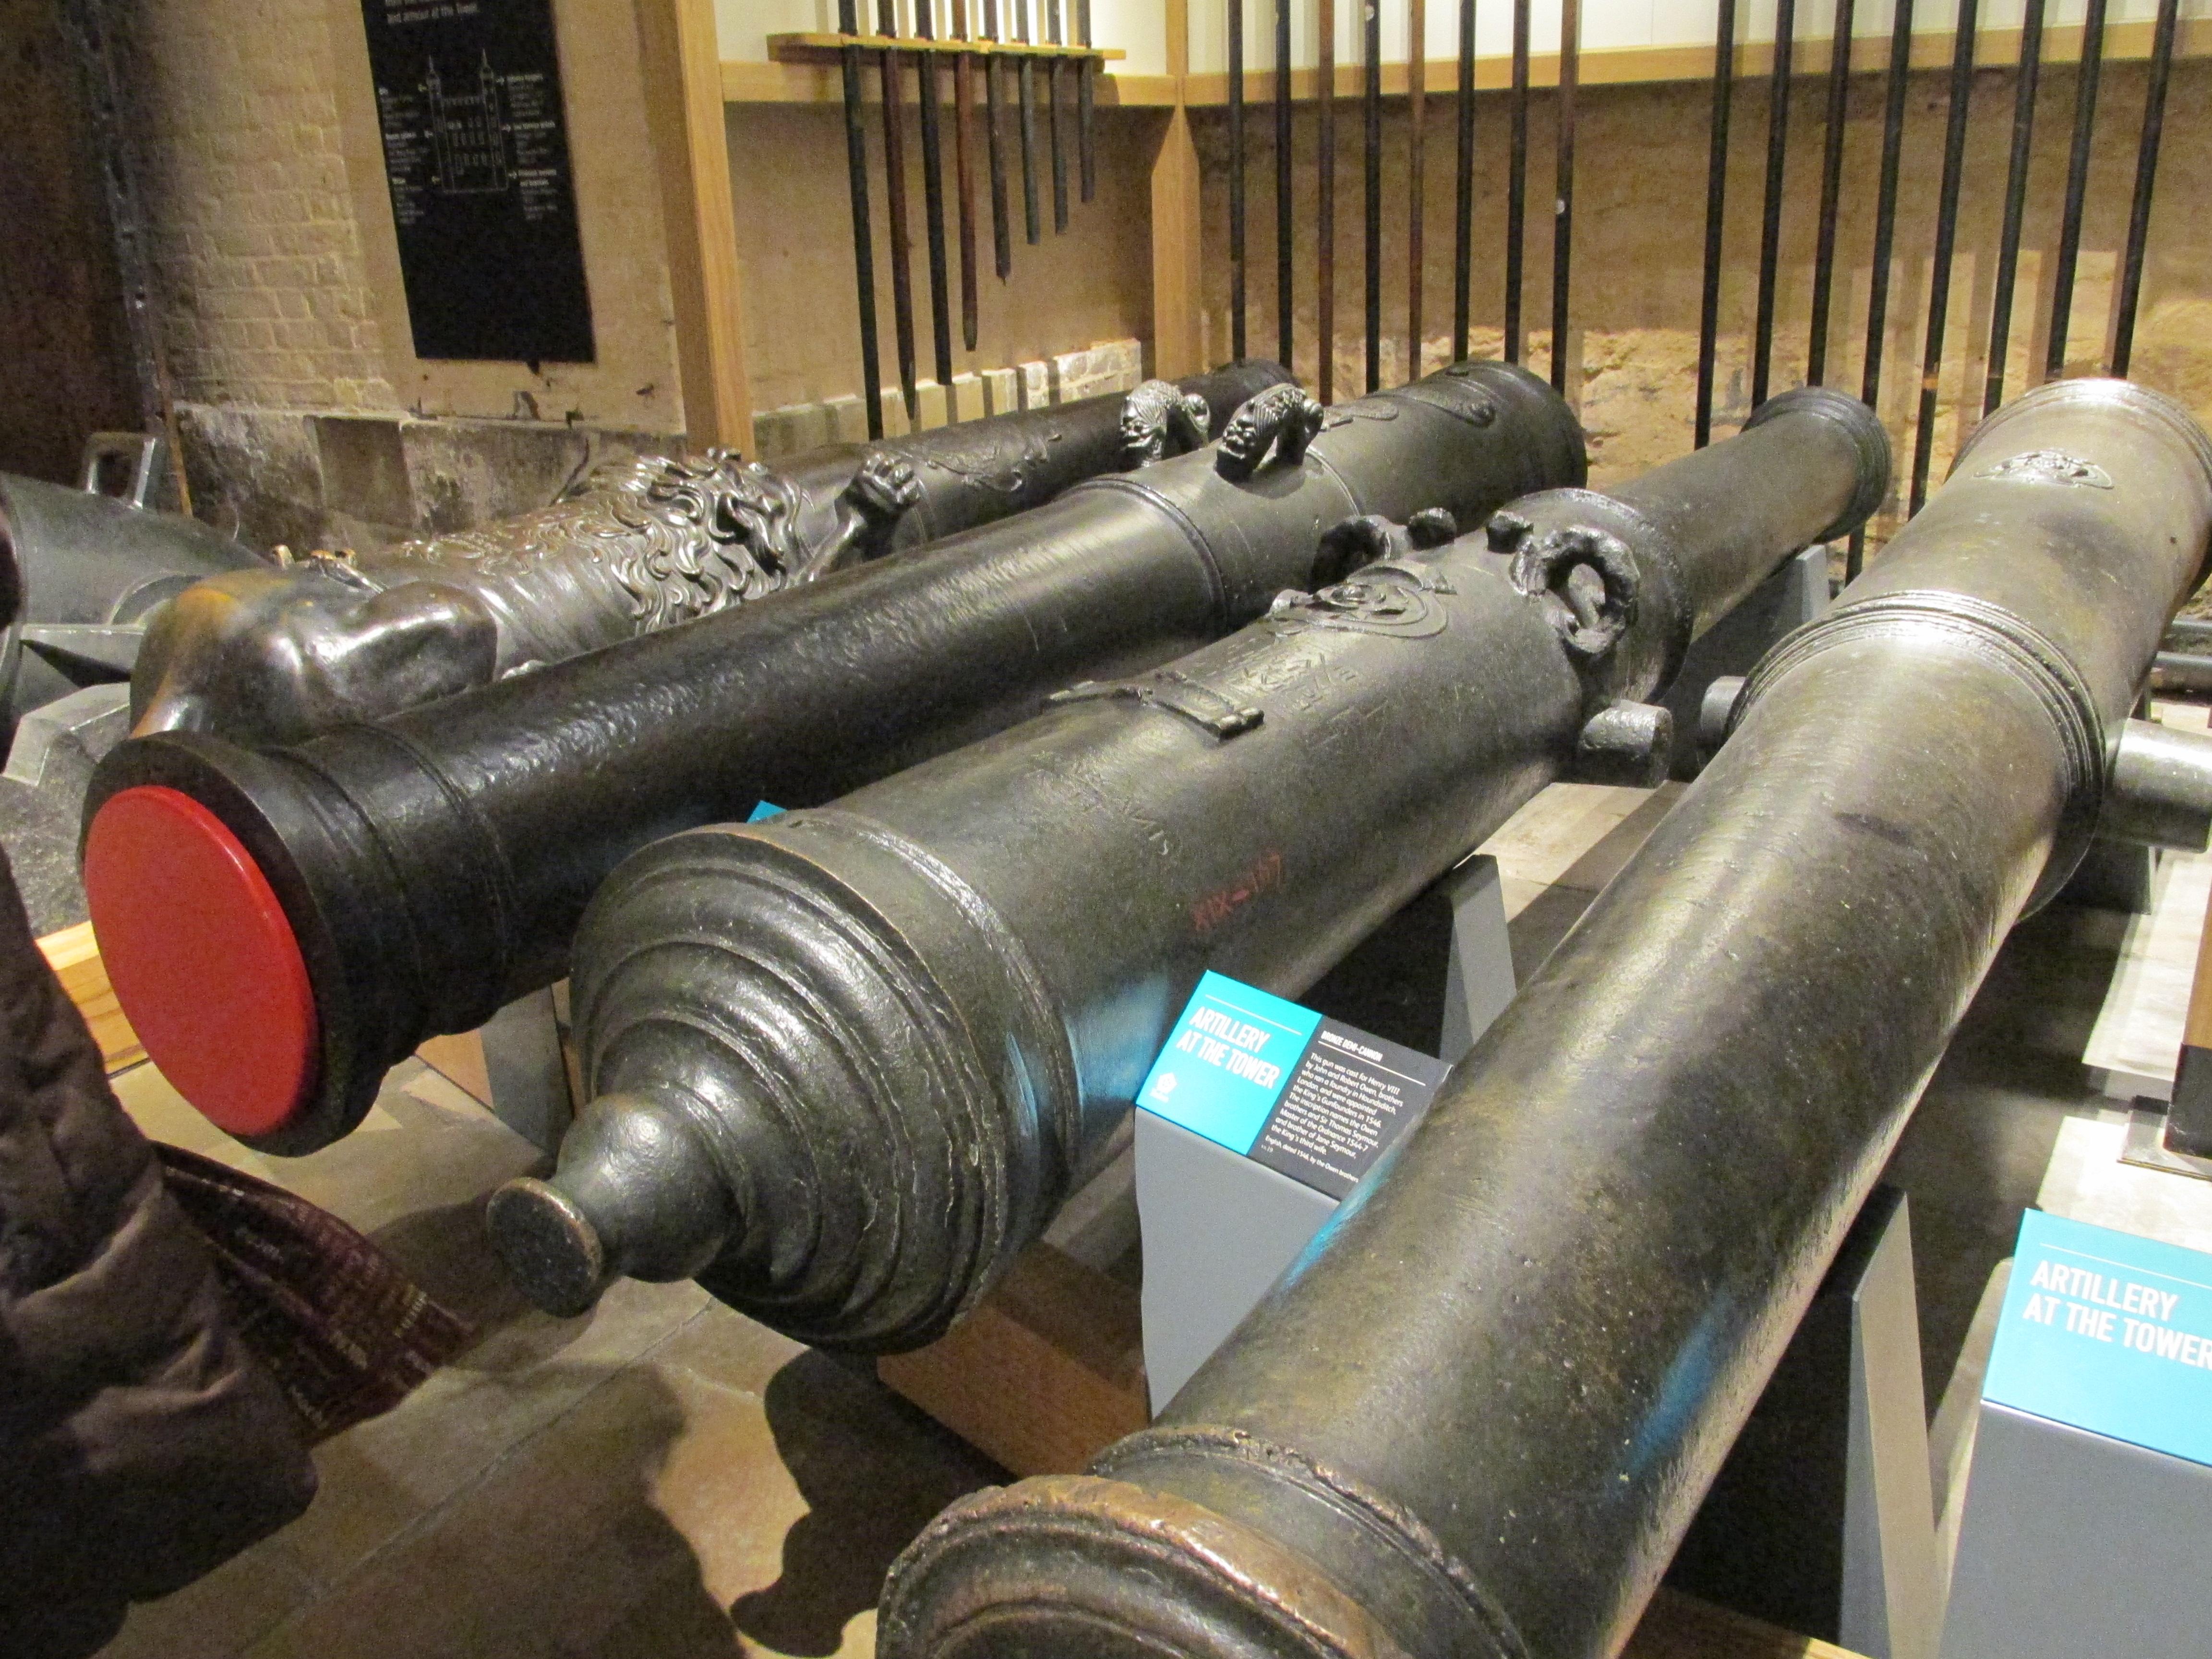 IMG 1802 - Visitando la Torre de Londres